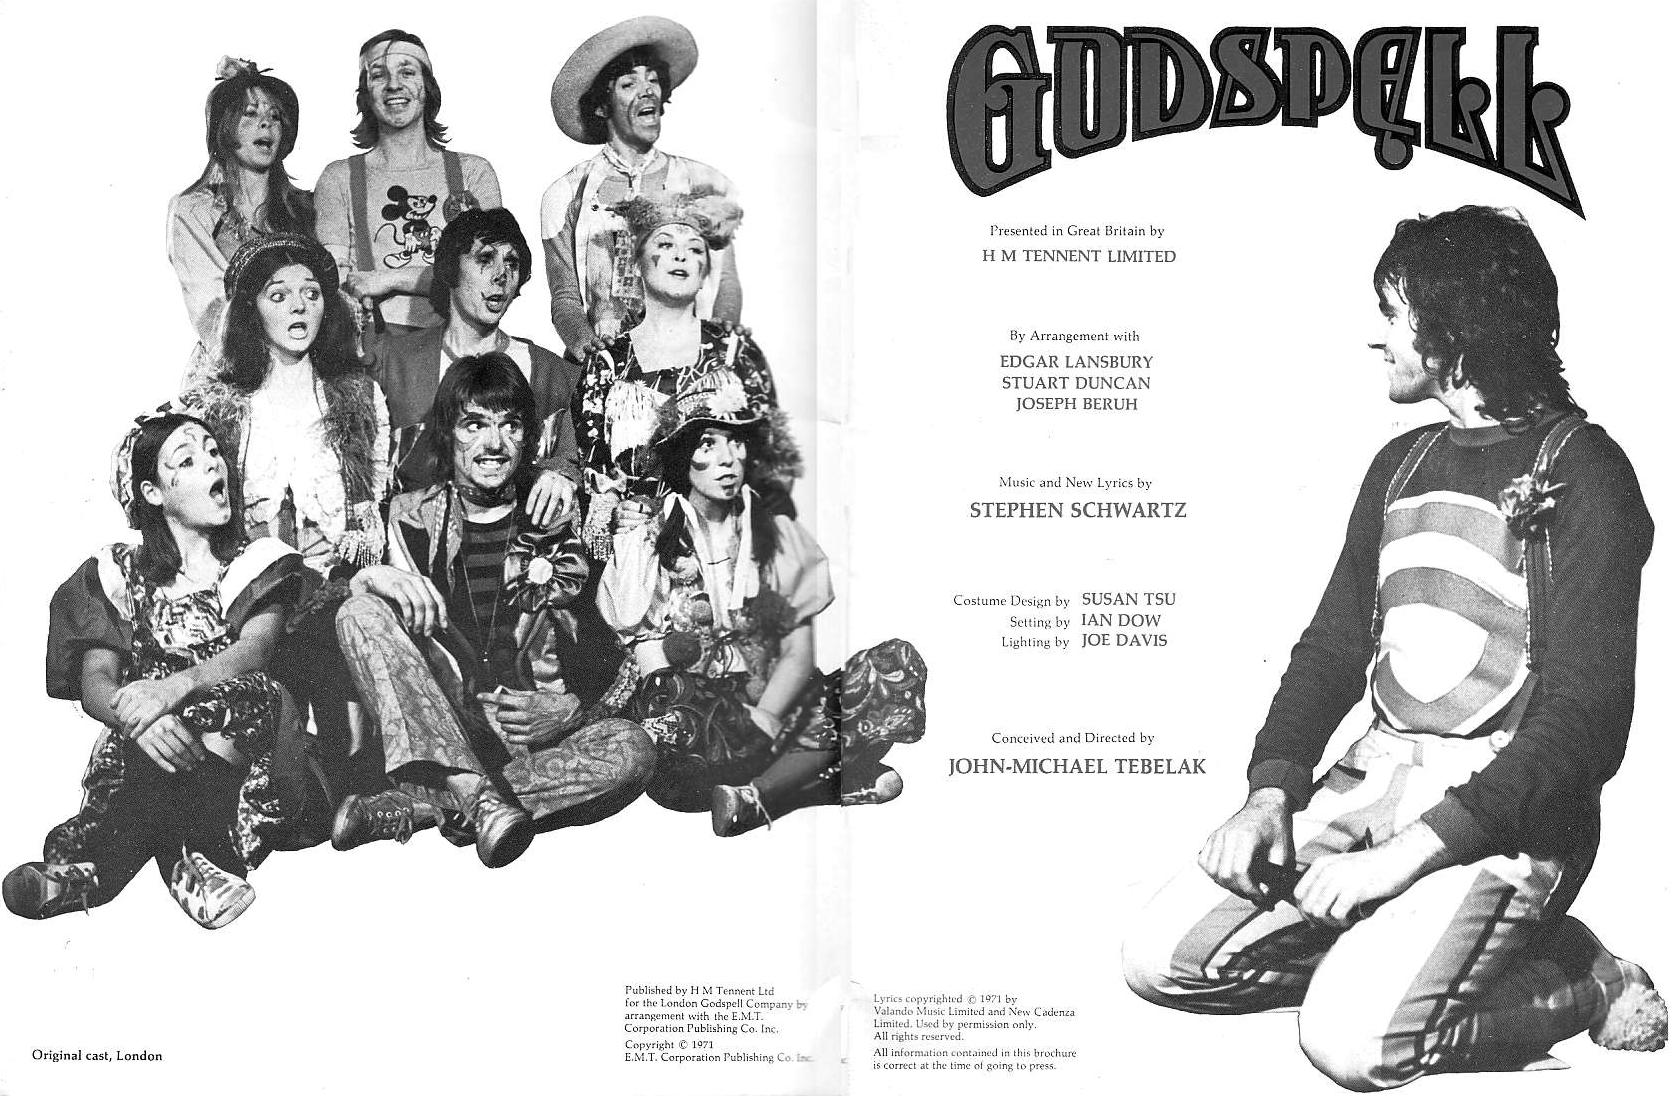 GODSPELL 1972